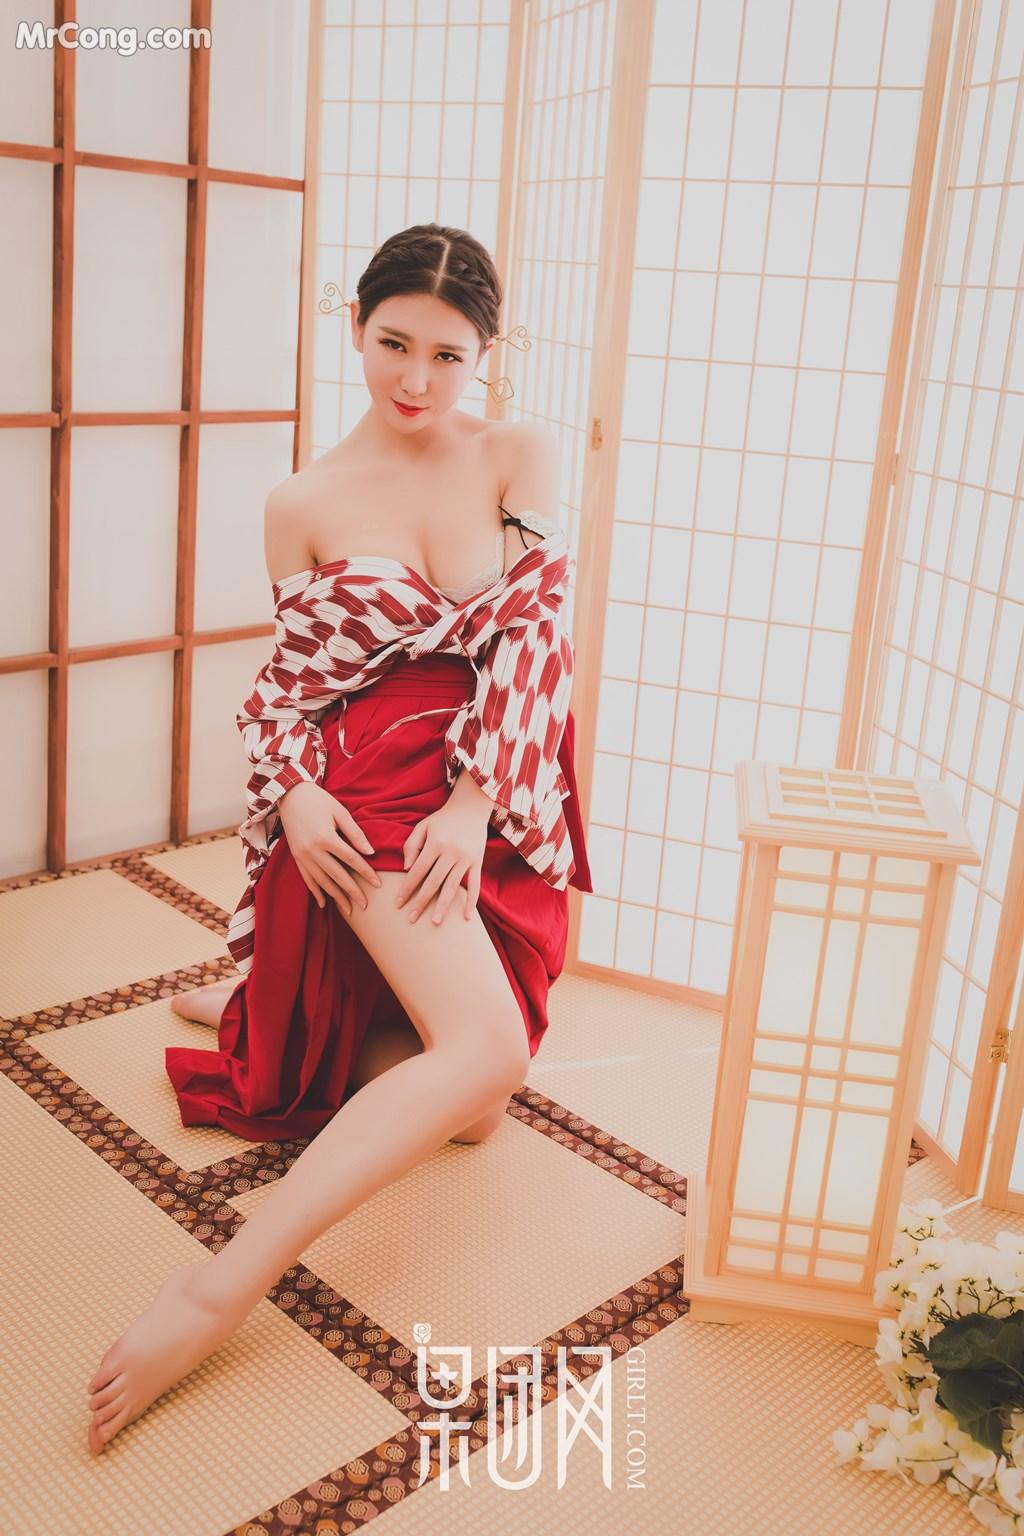 Image GIRLT-No.115-MrCong.com-006 in post GIRLT No.115 (51 ảnh)